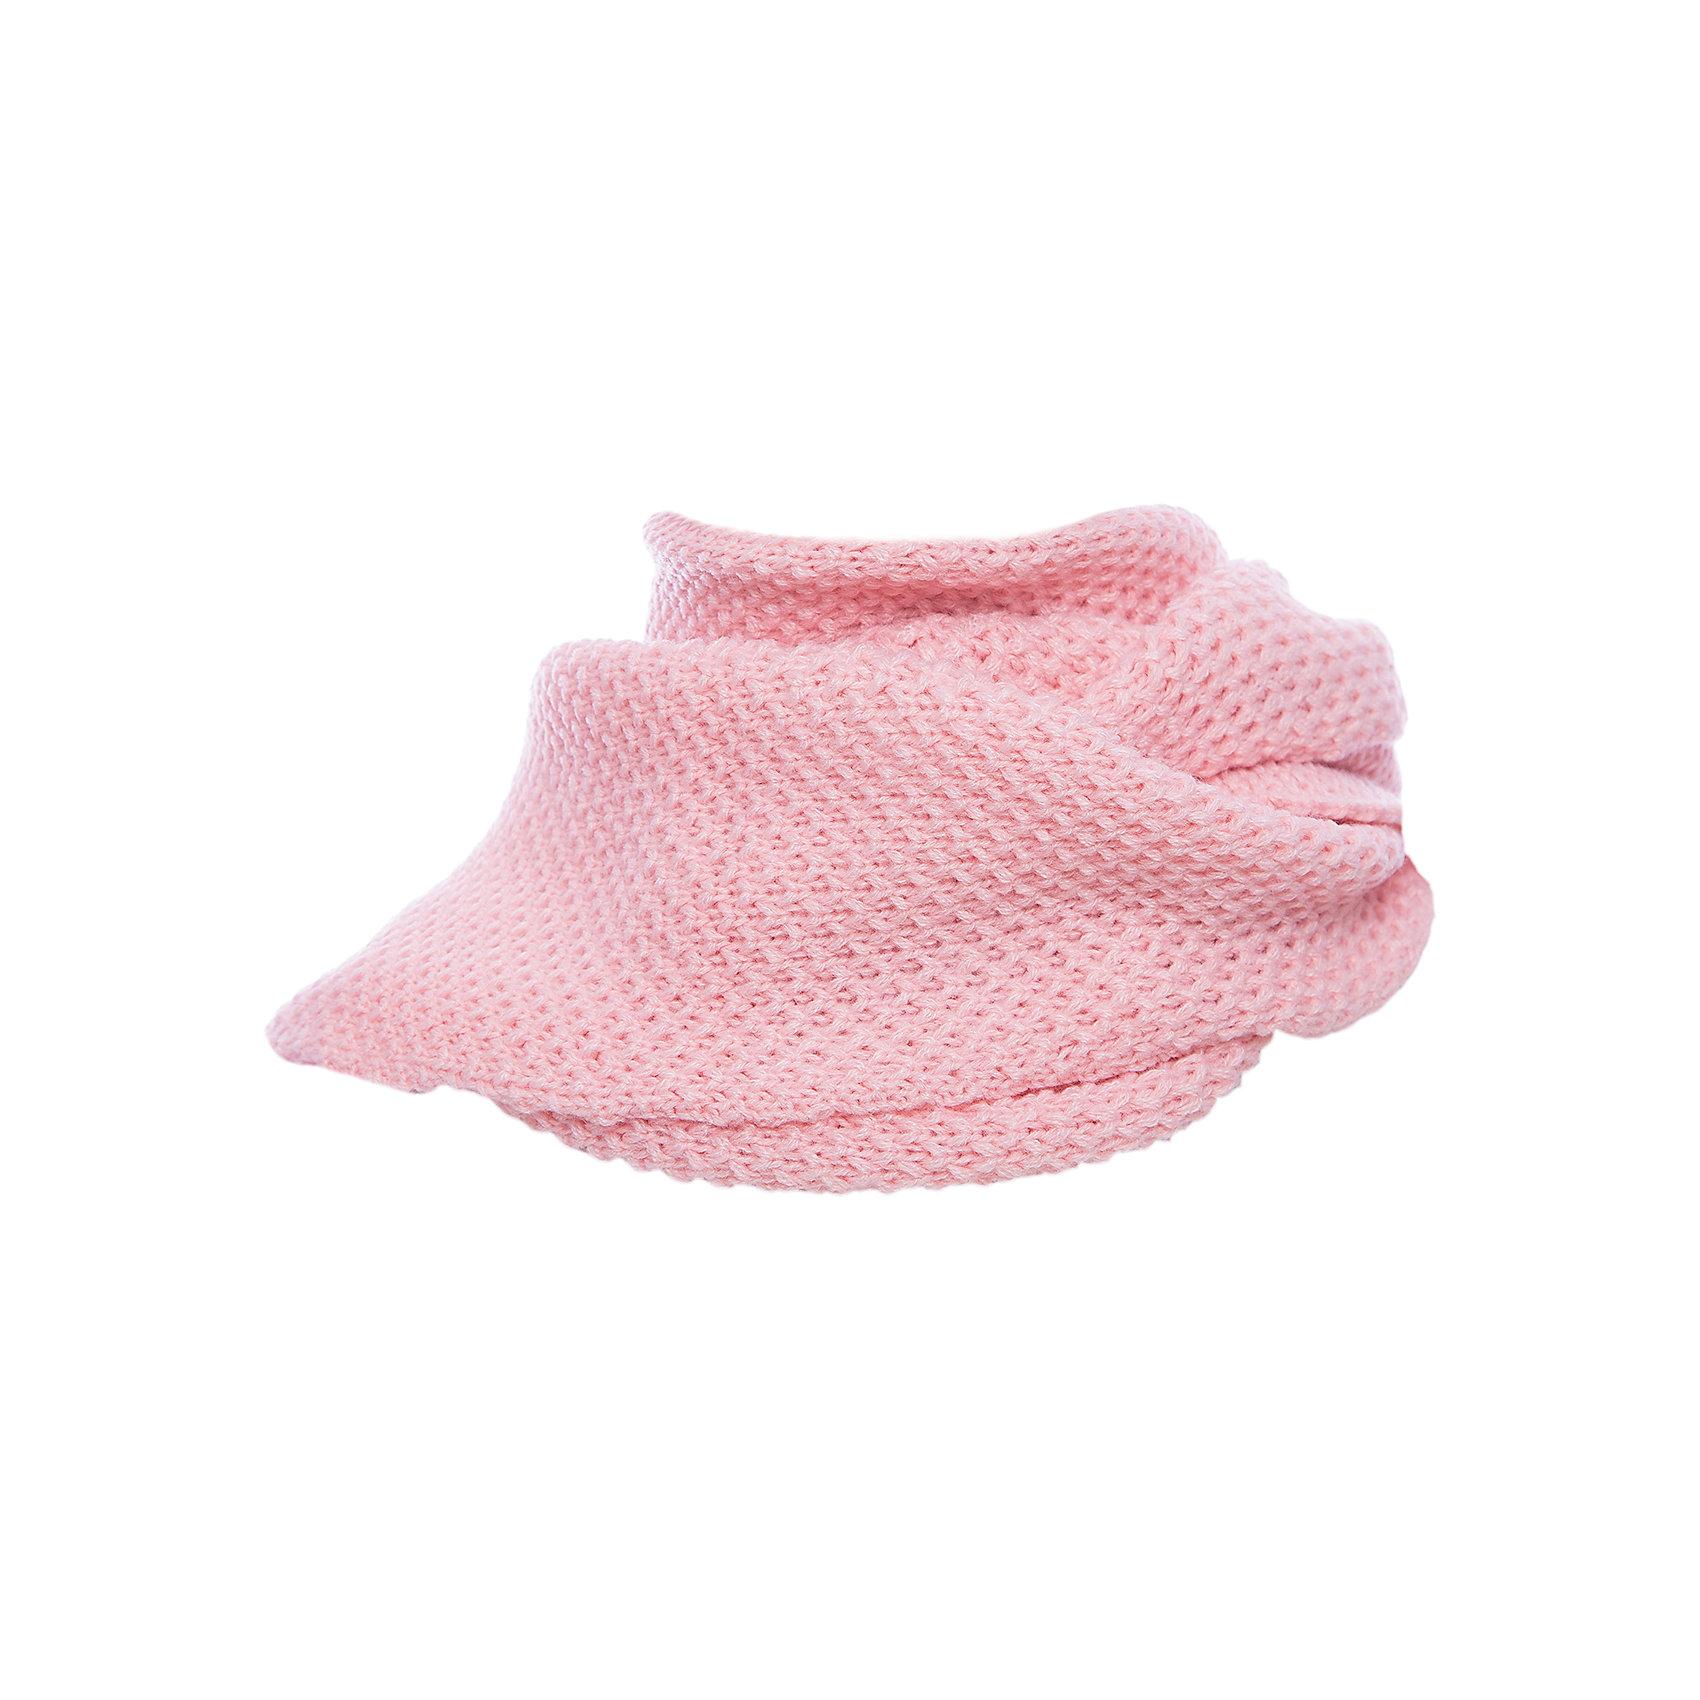 Шарф PlayToday для девочкиШарфы, платки<br>Шарф PlayToday для девочки<br>Стильный шарф - хомут нежного оттенка сможет быть и достойным аксессуаром в гардеробе ребенка, и согреет в холодную погоду. Модель крупной вязки.<br>Состав:<br>100% акрил<br><br>Ширина мм: 88<br>Глубина мм: 155<br>Высота мм: 26<br>Вес г: 106<br>Цвет: белый<br>Возраст от месяцев: 36<br>Возраст до месяцев: 96<br>Пол: Женский<br>Возраст: Детский<br>Размер: one size<br>SKU: 7115524